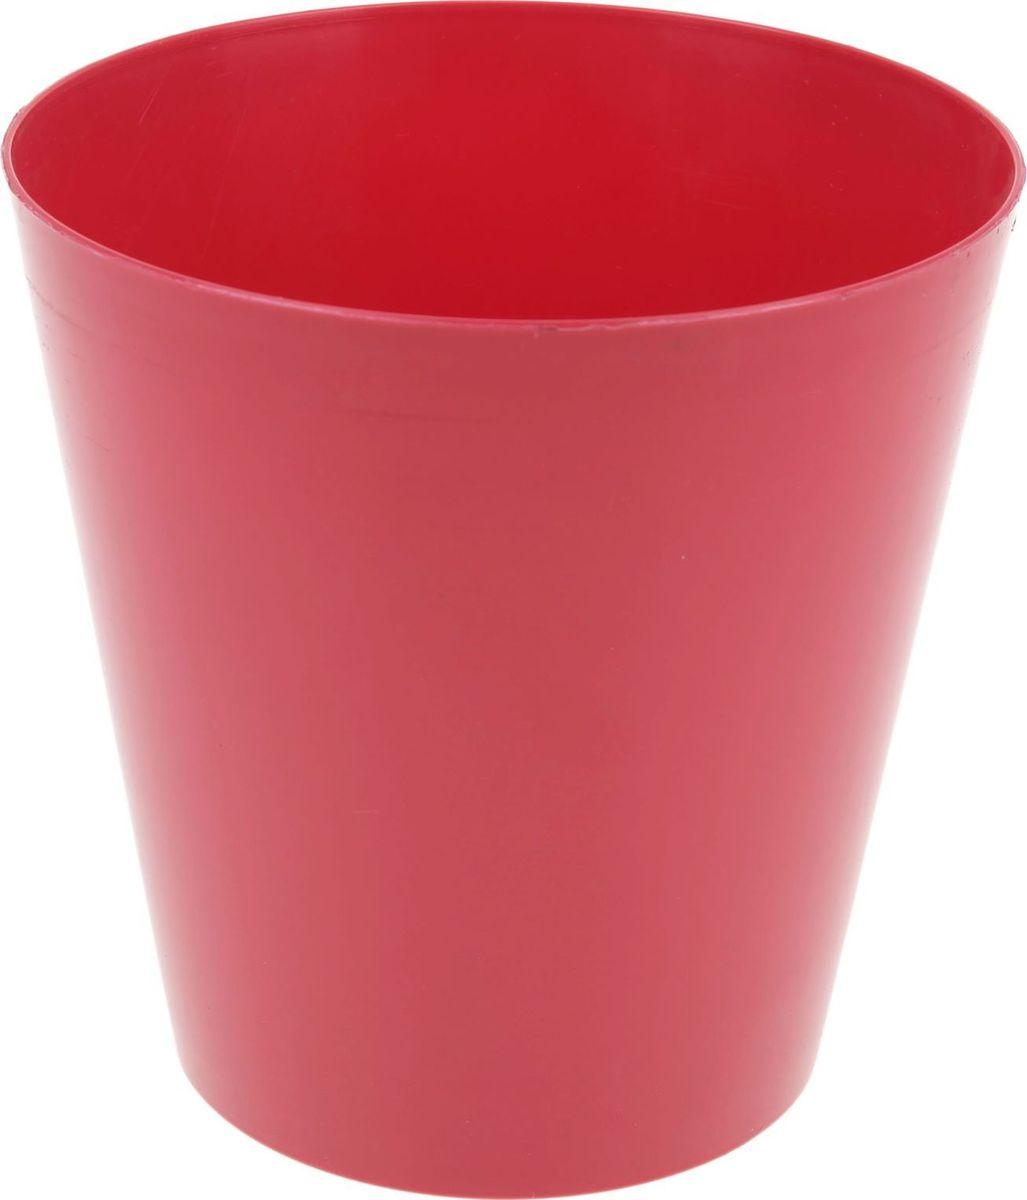 Кашпо Form plastic Вулкано, цвет: ягодный, 19 х 19 х 19 см1324781Любой, даже самый современный и продуманный интерьер будет не завершённым без растений. Они не только очищают воздух и насыщают его кислородом, но и заметно украшают окружающее пространство. Такому полезному &laquo члену семьи&raquoпросто необходимо красивое и функциональное кашпо, оригинальный горшок или необычная ваза! Мы предлагаем - Кашпо 19 см Вулкано, цвет ягодный!Оптимальный выбор материала &mdash &nbsp пластмасса! Почему мы так считаем? Малый вес. С лёгкостью переносите горшки и кашпо с места на место, ставьте их на столики или полки, подвешивайте под потолок, не беспокоясь о нагрузке. Простота ухода. Пластиковые изделия не нуждаются в специальных условиях хранения. Их&nbsp легко чистить &mdashдостаточно просто сполоснуть тёплой водой. Никаких царапин. Пластиковые кашпо не царапают и не загрязняют поверхности, на которых стоят. Пластик дольше хранит влагу, а значит &mdashрастение реже нуждается в поливе. Пластмасса не пропускает воздух &mdashкорневой системе растения не грозят резкие перепады температур. Огромный выбор форм, декора и расцветок &mdashвы без труда подберёте что-то, что идеально впишется в уже существующий интерьер.Соблюдая нехитрые правила ухода, вы можете заметно продлить срок службы горшков, вазонов и кашпо из пластика: всегда учитывайте размер кроны и корневой системы растения (при разрастании большое растение способно повредить маленький горшок)берегите изделие от воздействия прямых солнечных лучей, чтобы кашпо и горшки не выцветалидержите кашпо и горшки из пластика подальше от нагревающихся поверхностей.Создавайте прекрасные цветочные композиции, выращивайте рассаду или необычные растения, а низкие цены позволят вам не ограничивать себя в выборе.